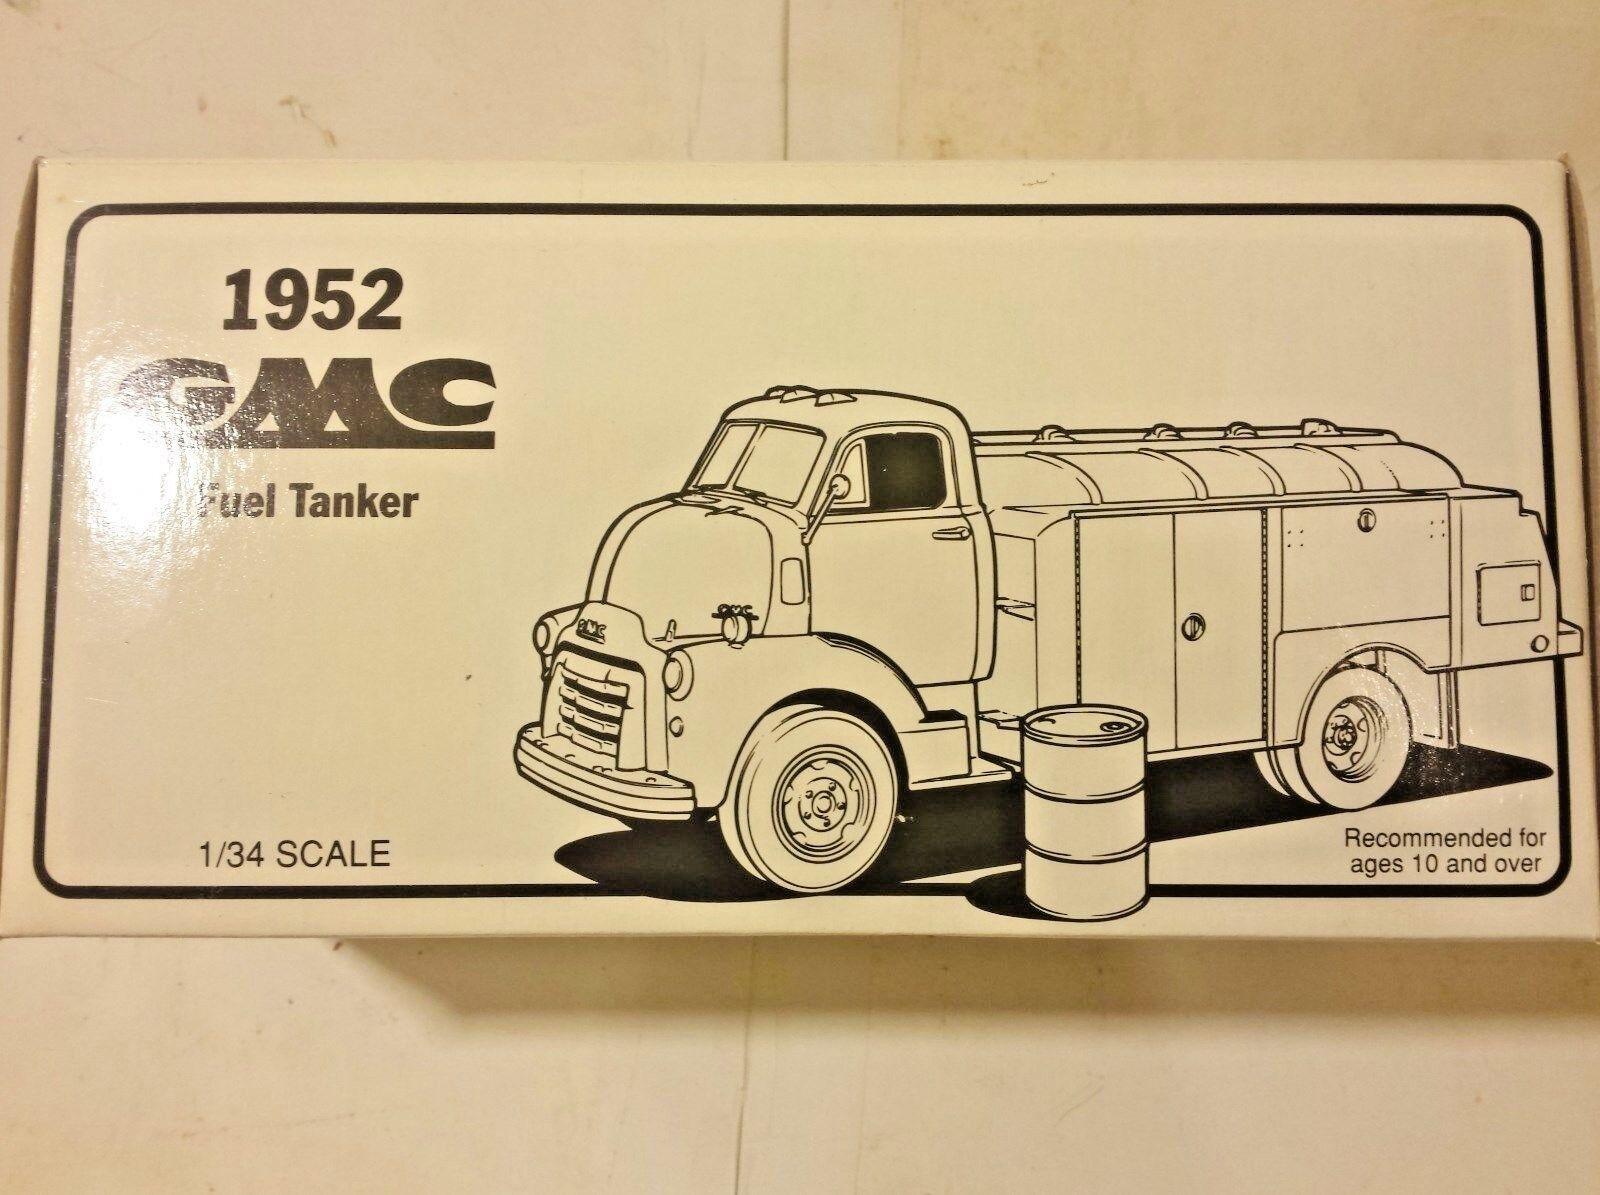 First Gear GMC 1952 Fuel Tanker 10-1215 JC Whitney & Co. Die Cast 1 34 Scale